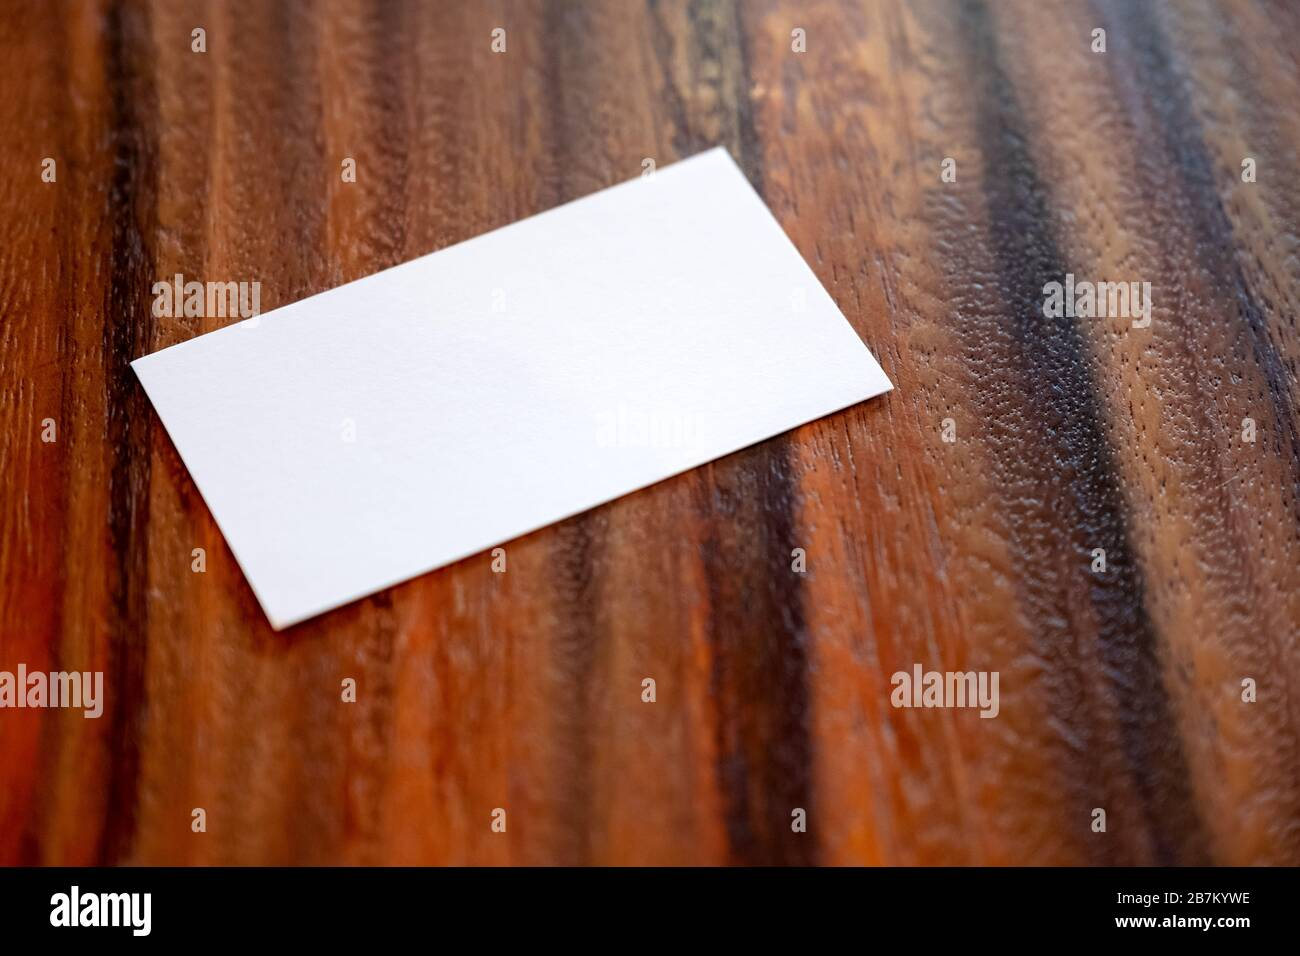 Una tarjeta de visita blanca en blanco sobre fondo de madera vintage Foto de stock